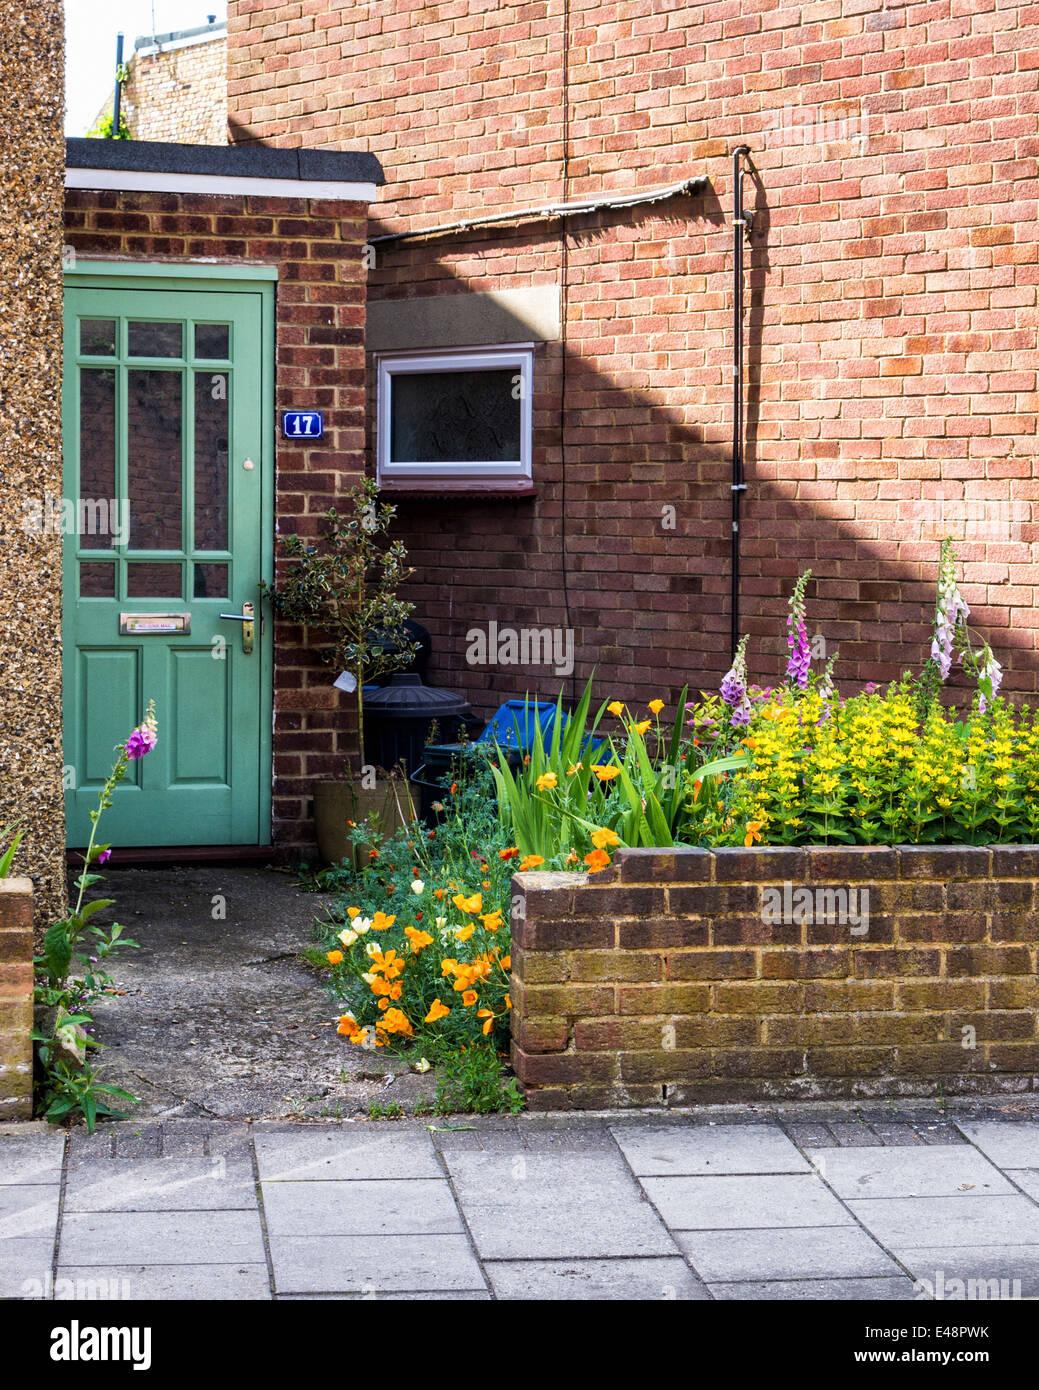 Green door, flowering plants and broken wall of suburban home in Twickenham, London, UK - Stock Image